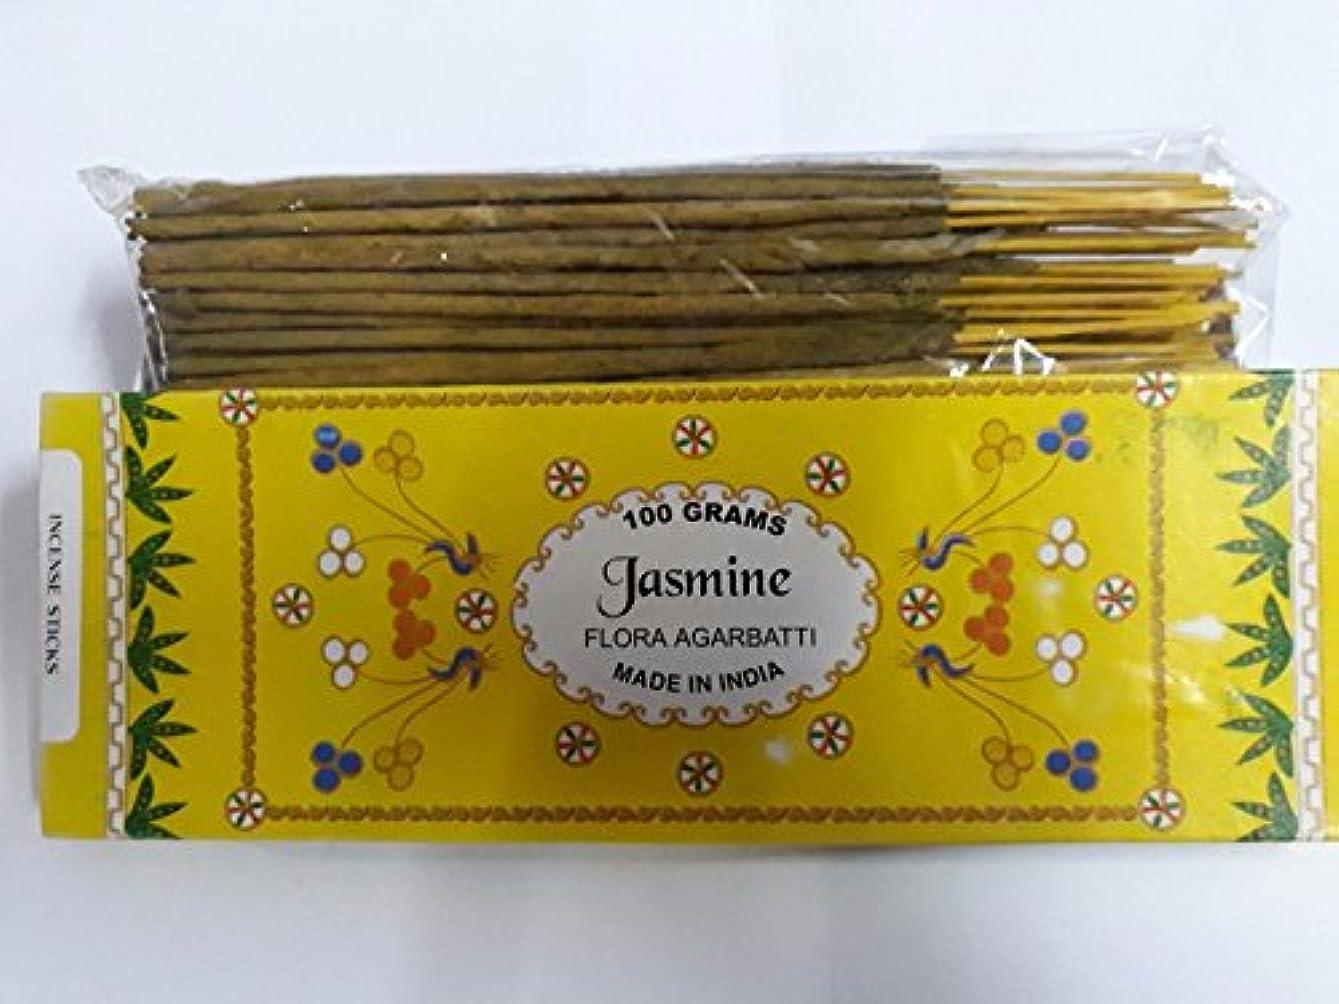 はちみつ統合肉屋Jasmine/ジャスミン Agarbatti Incense Sticks 線香 100 grams Flora Incense フローラの香 Agarbatti